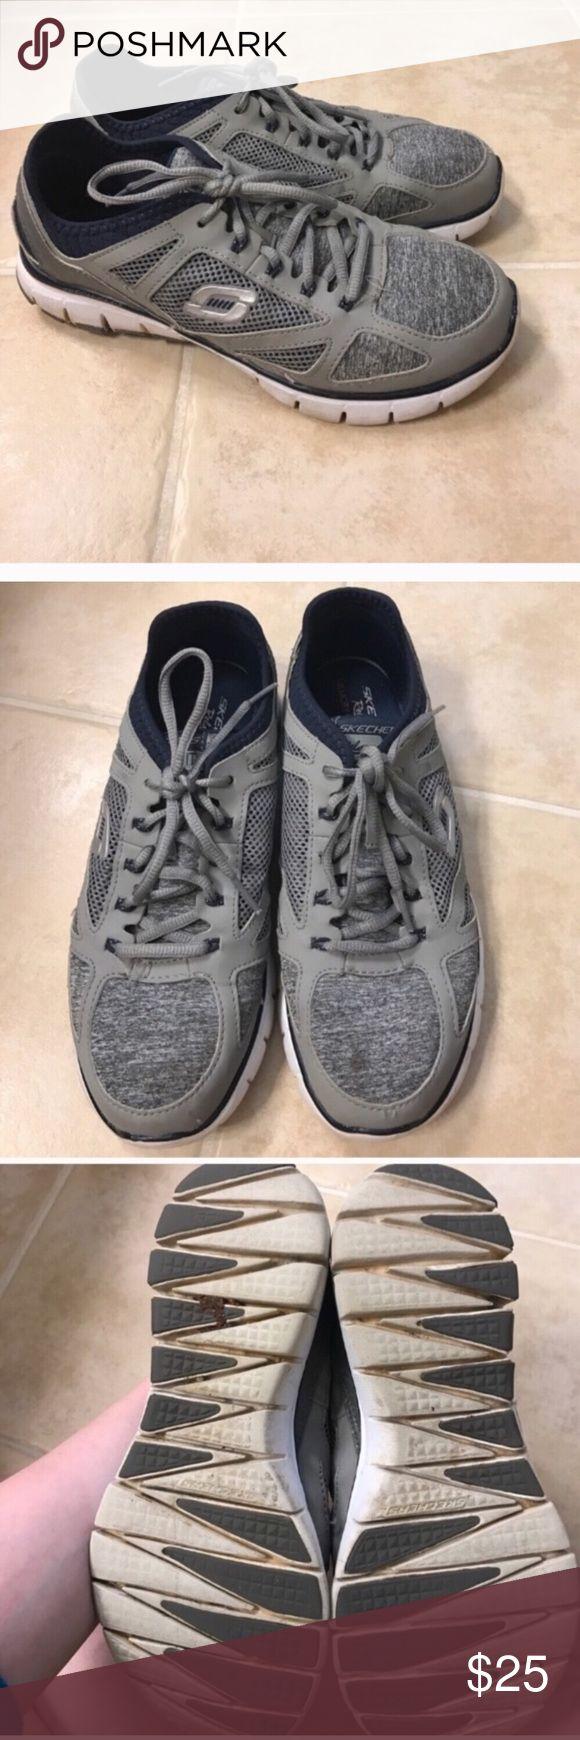 Skechers size 8.5 grey memory foam sneakers Size 8.5 grey Skechers memory foam sneakers Skechers Shoes Sneakers